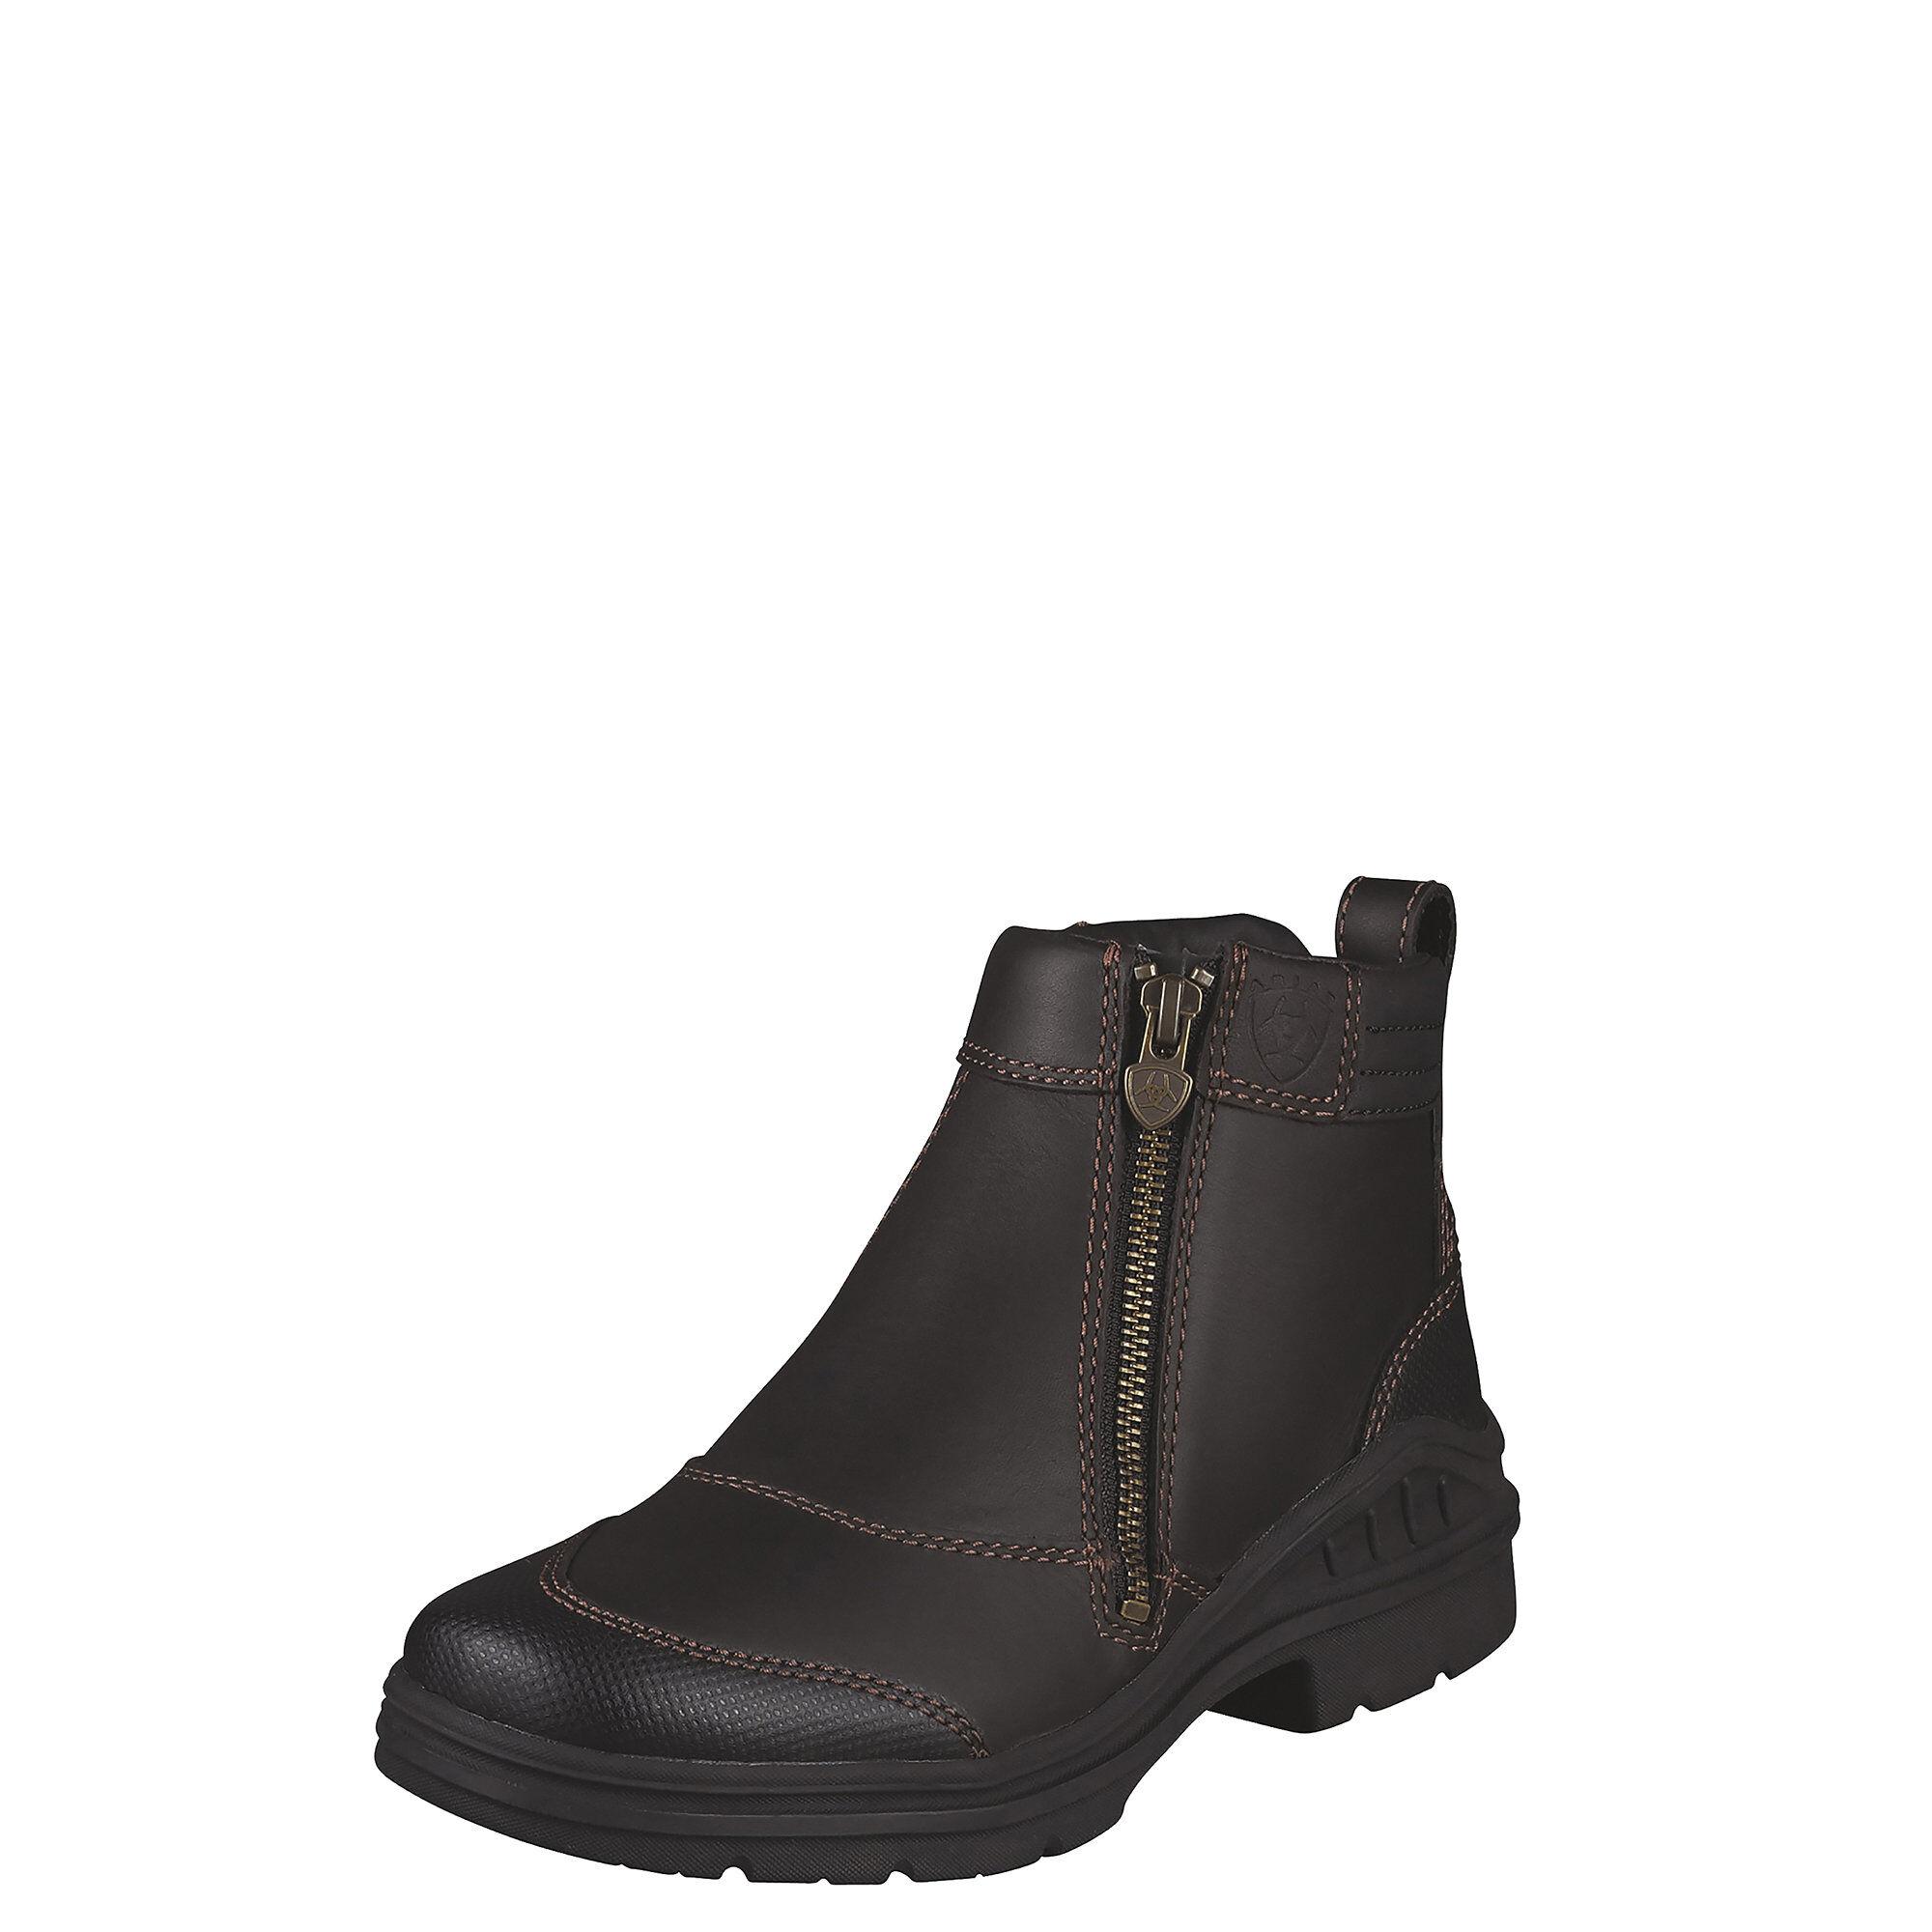 Ariat Women's Barnyard Side Zip Boots in Dark Brown